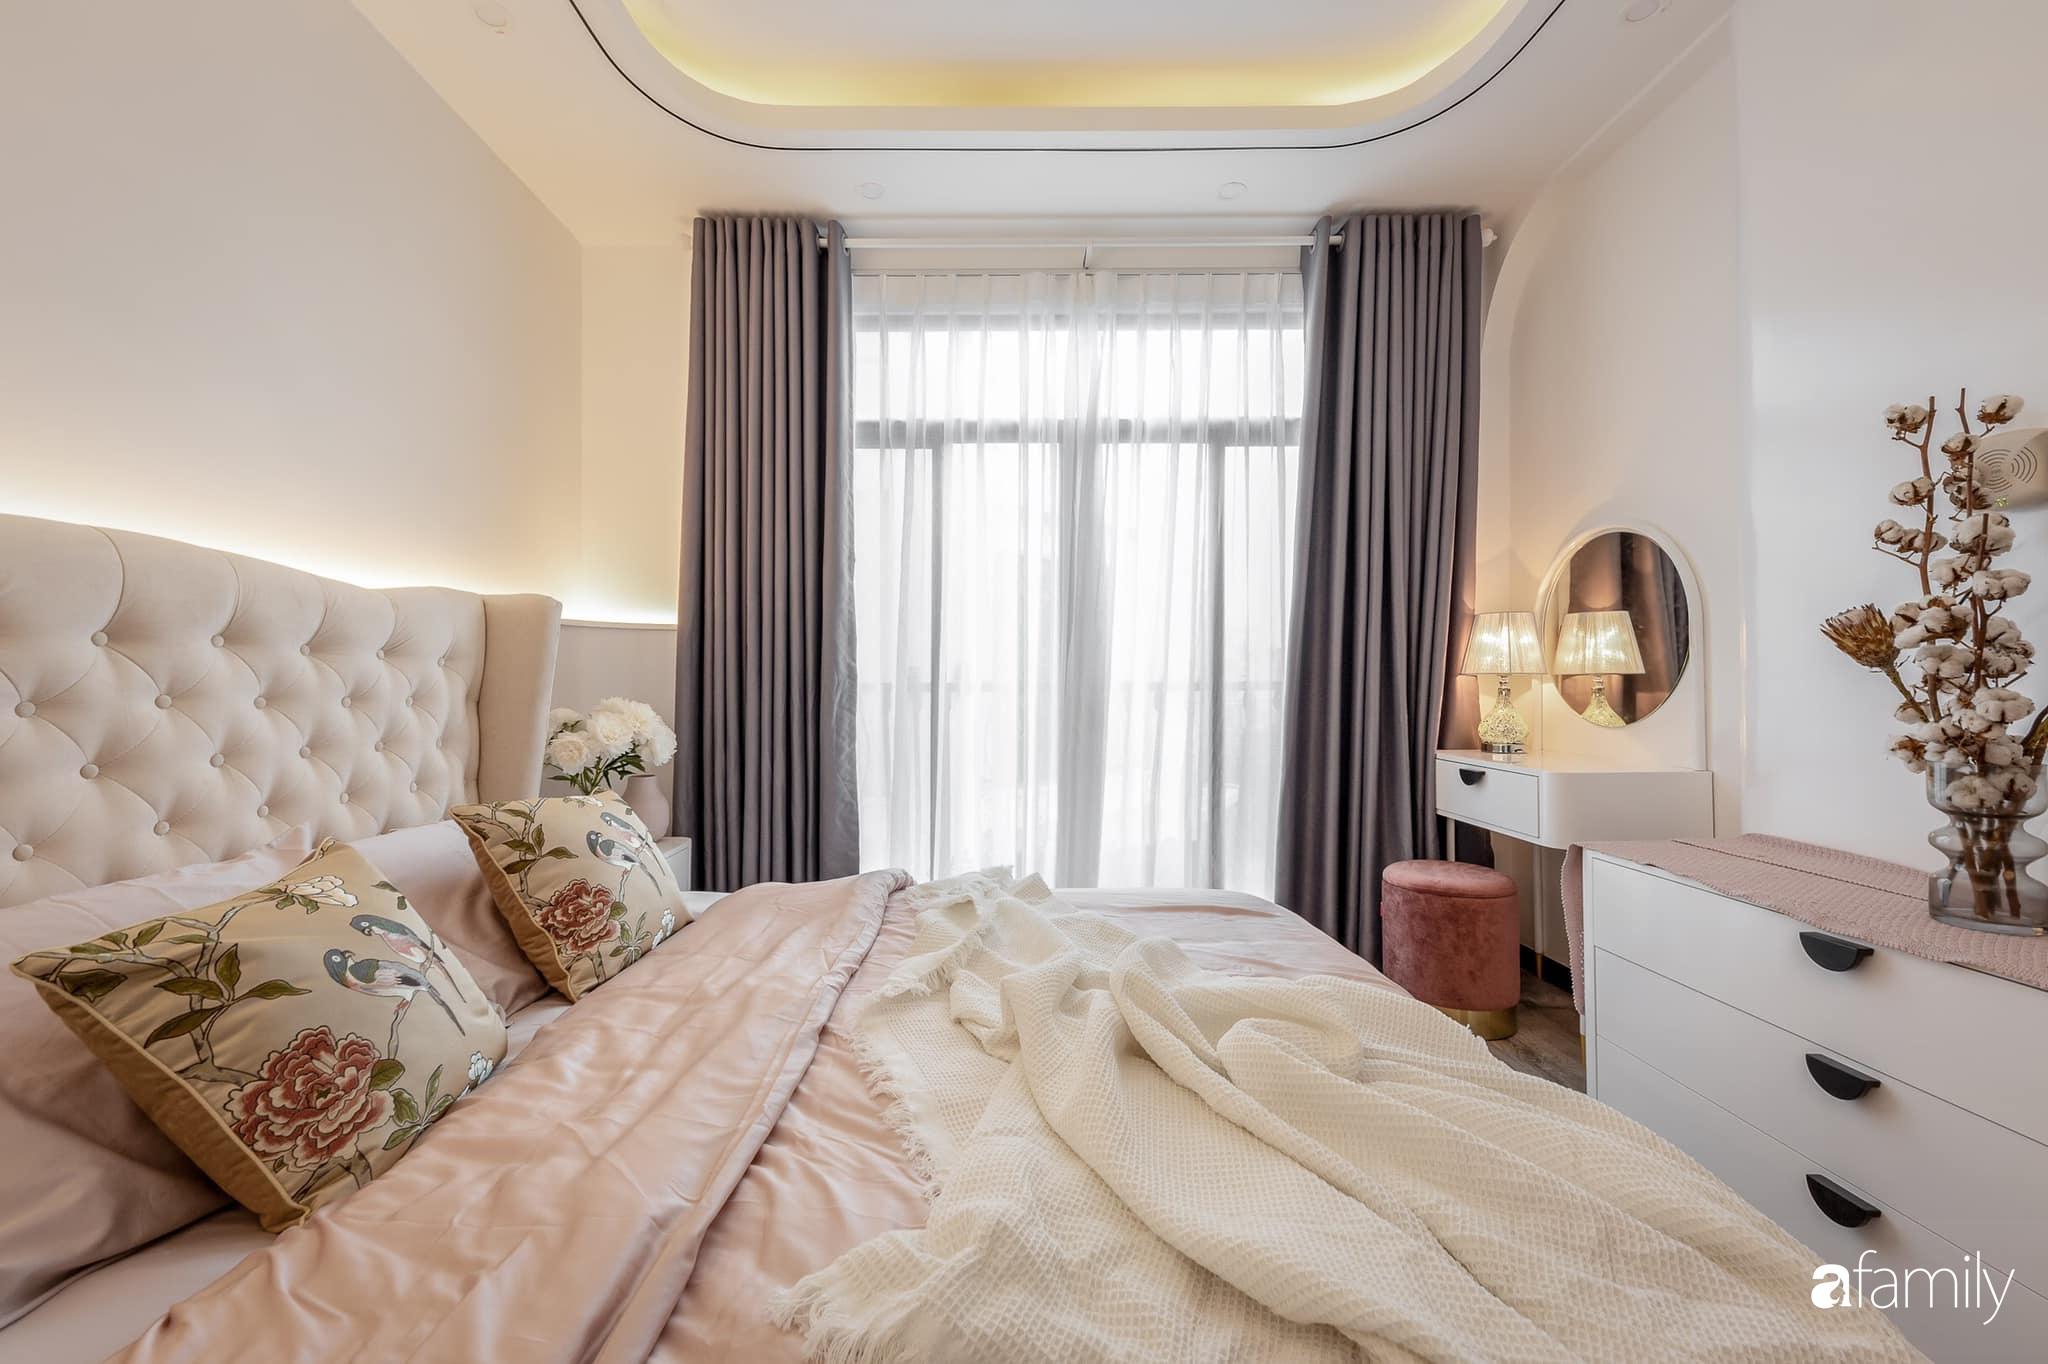 Căn nhà 5 tầng trong hẻm sang chảnh như resort cao cấp với chi phí thiết kế 900 triệu đồng ở TP HCMHCM - Ảnh 15.